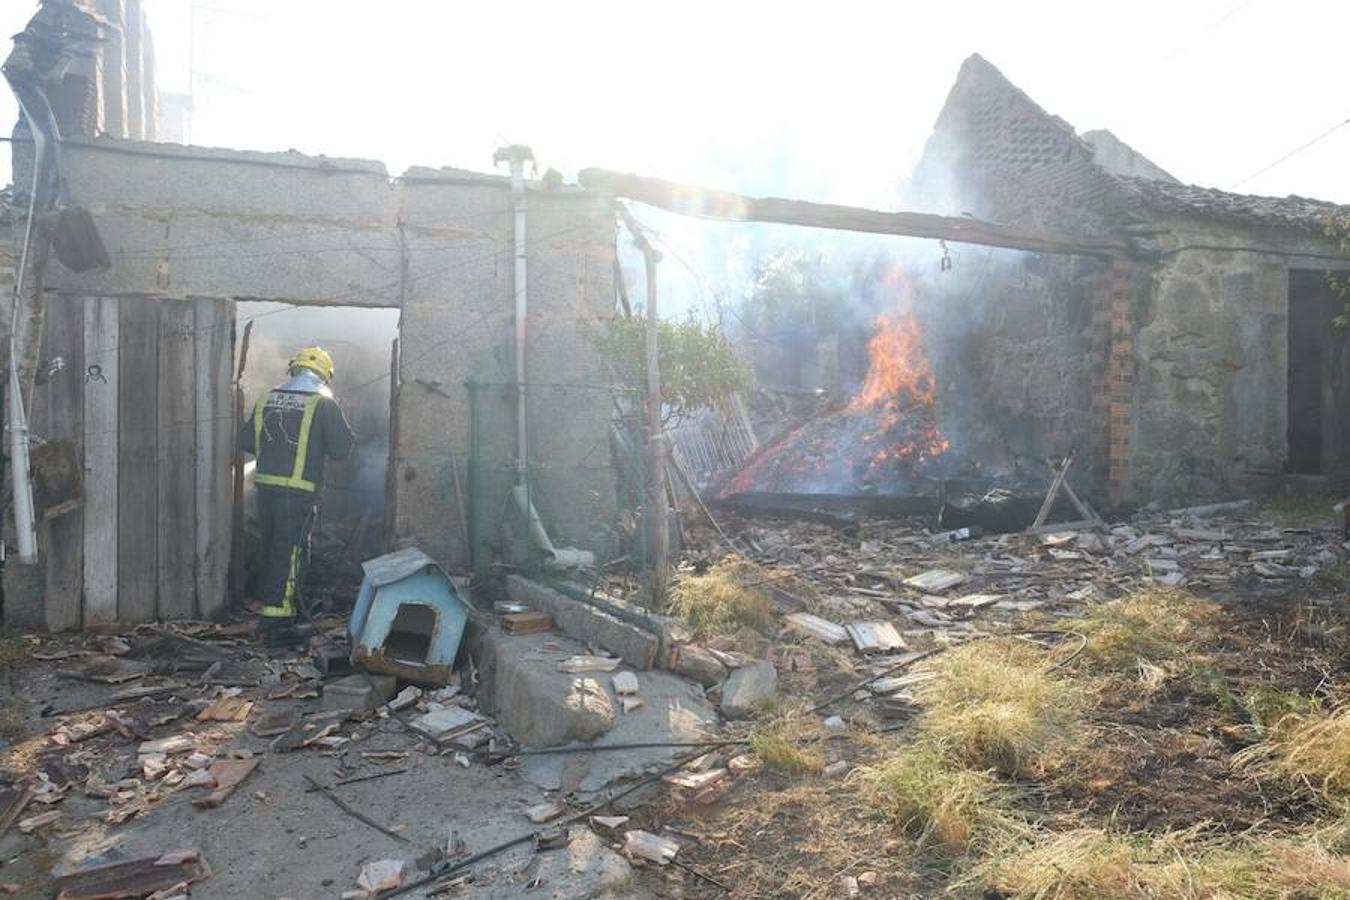 La explosión de una pirotecnia de Tui (Pontevedra) ha dejado un entorno devastado.